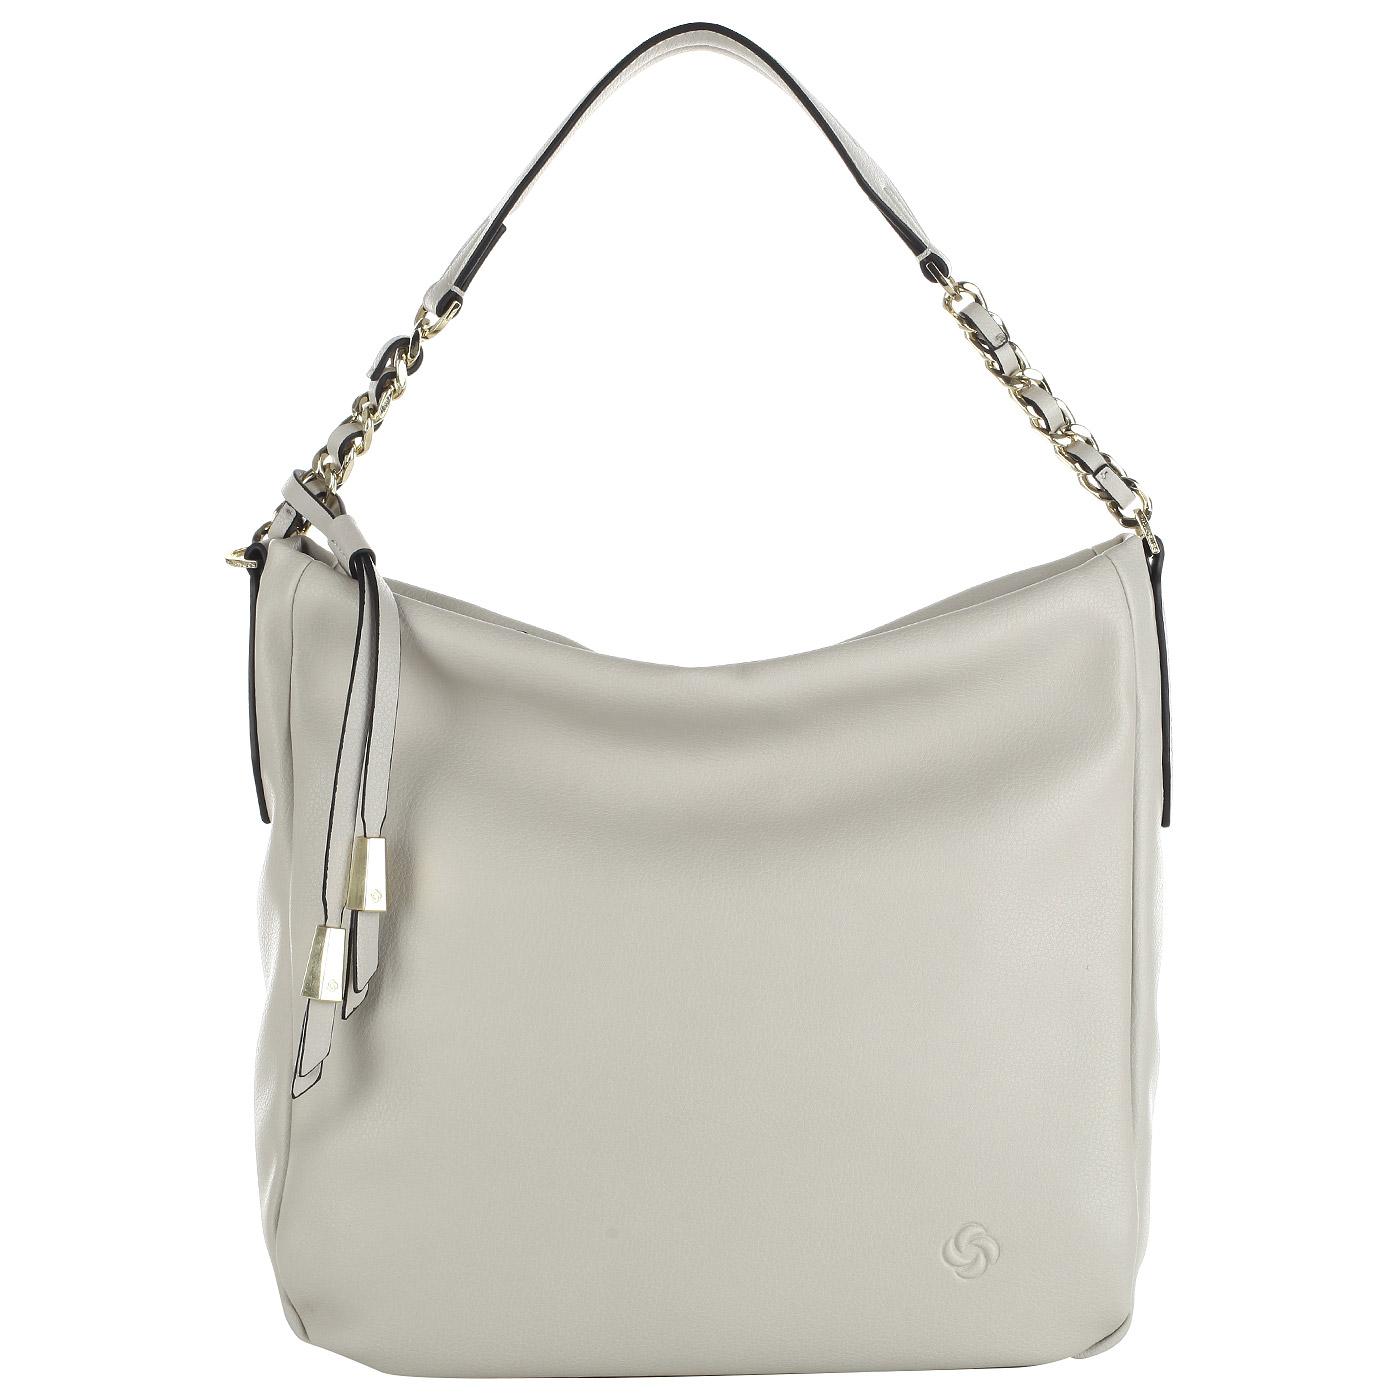 45daf135b073 Женская мягкая сумка Samsonite Satiny Женская мягкая сумка Samsonite Satiny  ...